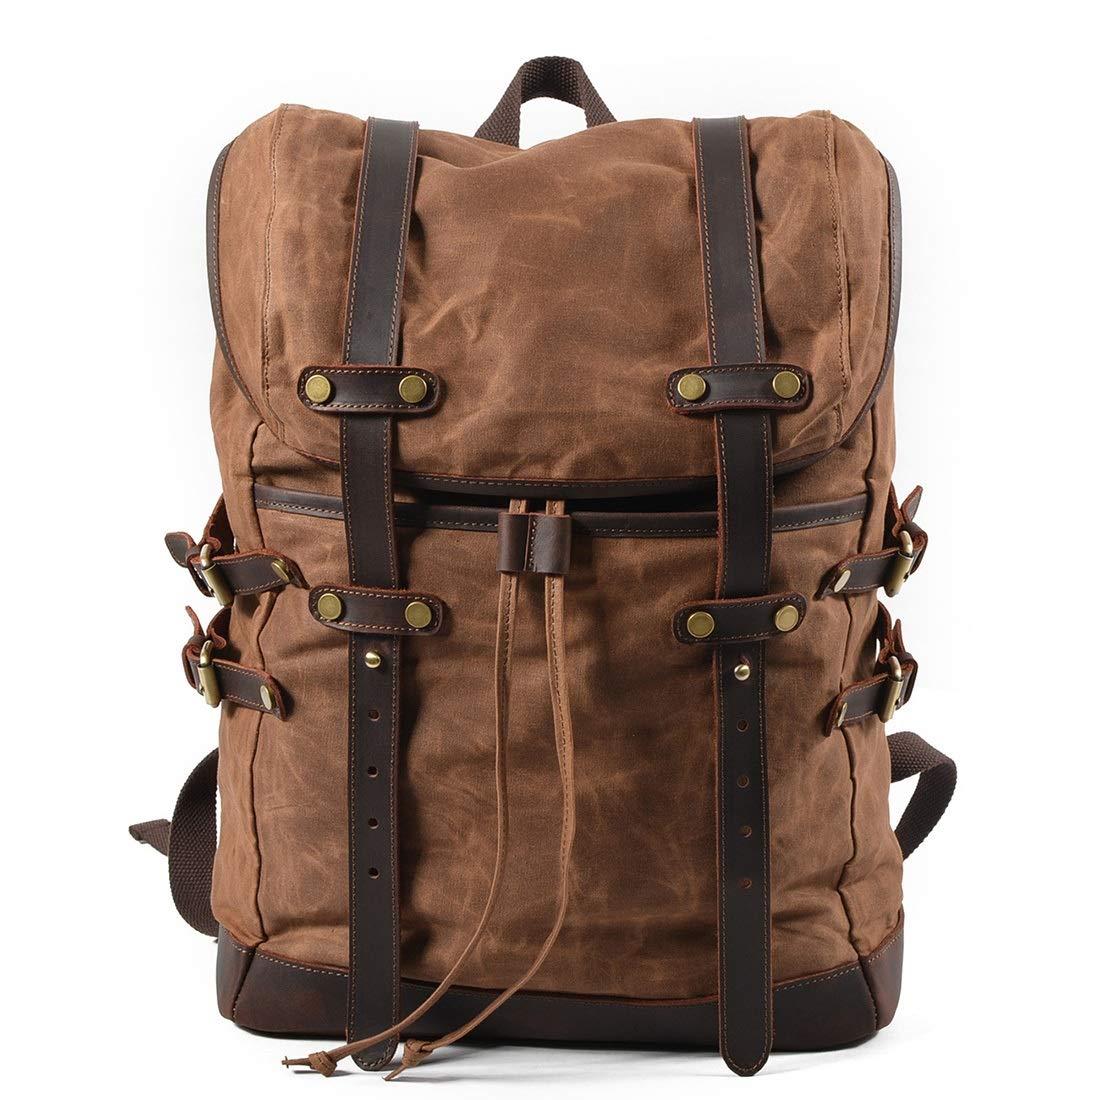 CAFUTY バックパックショルダー防水多機能旅行ウォーキングレジャースポーツコンピュータの学生用バッグは、屋外での使用に適しています (Color : ブラウン) B07N7GQH6H ブラウン